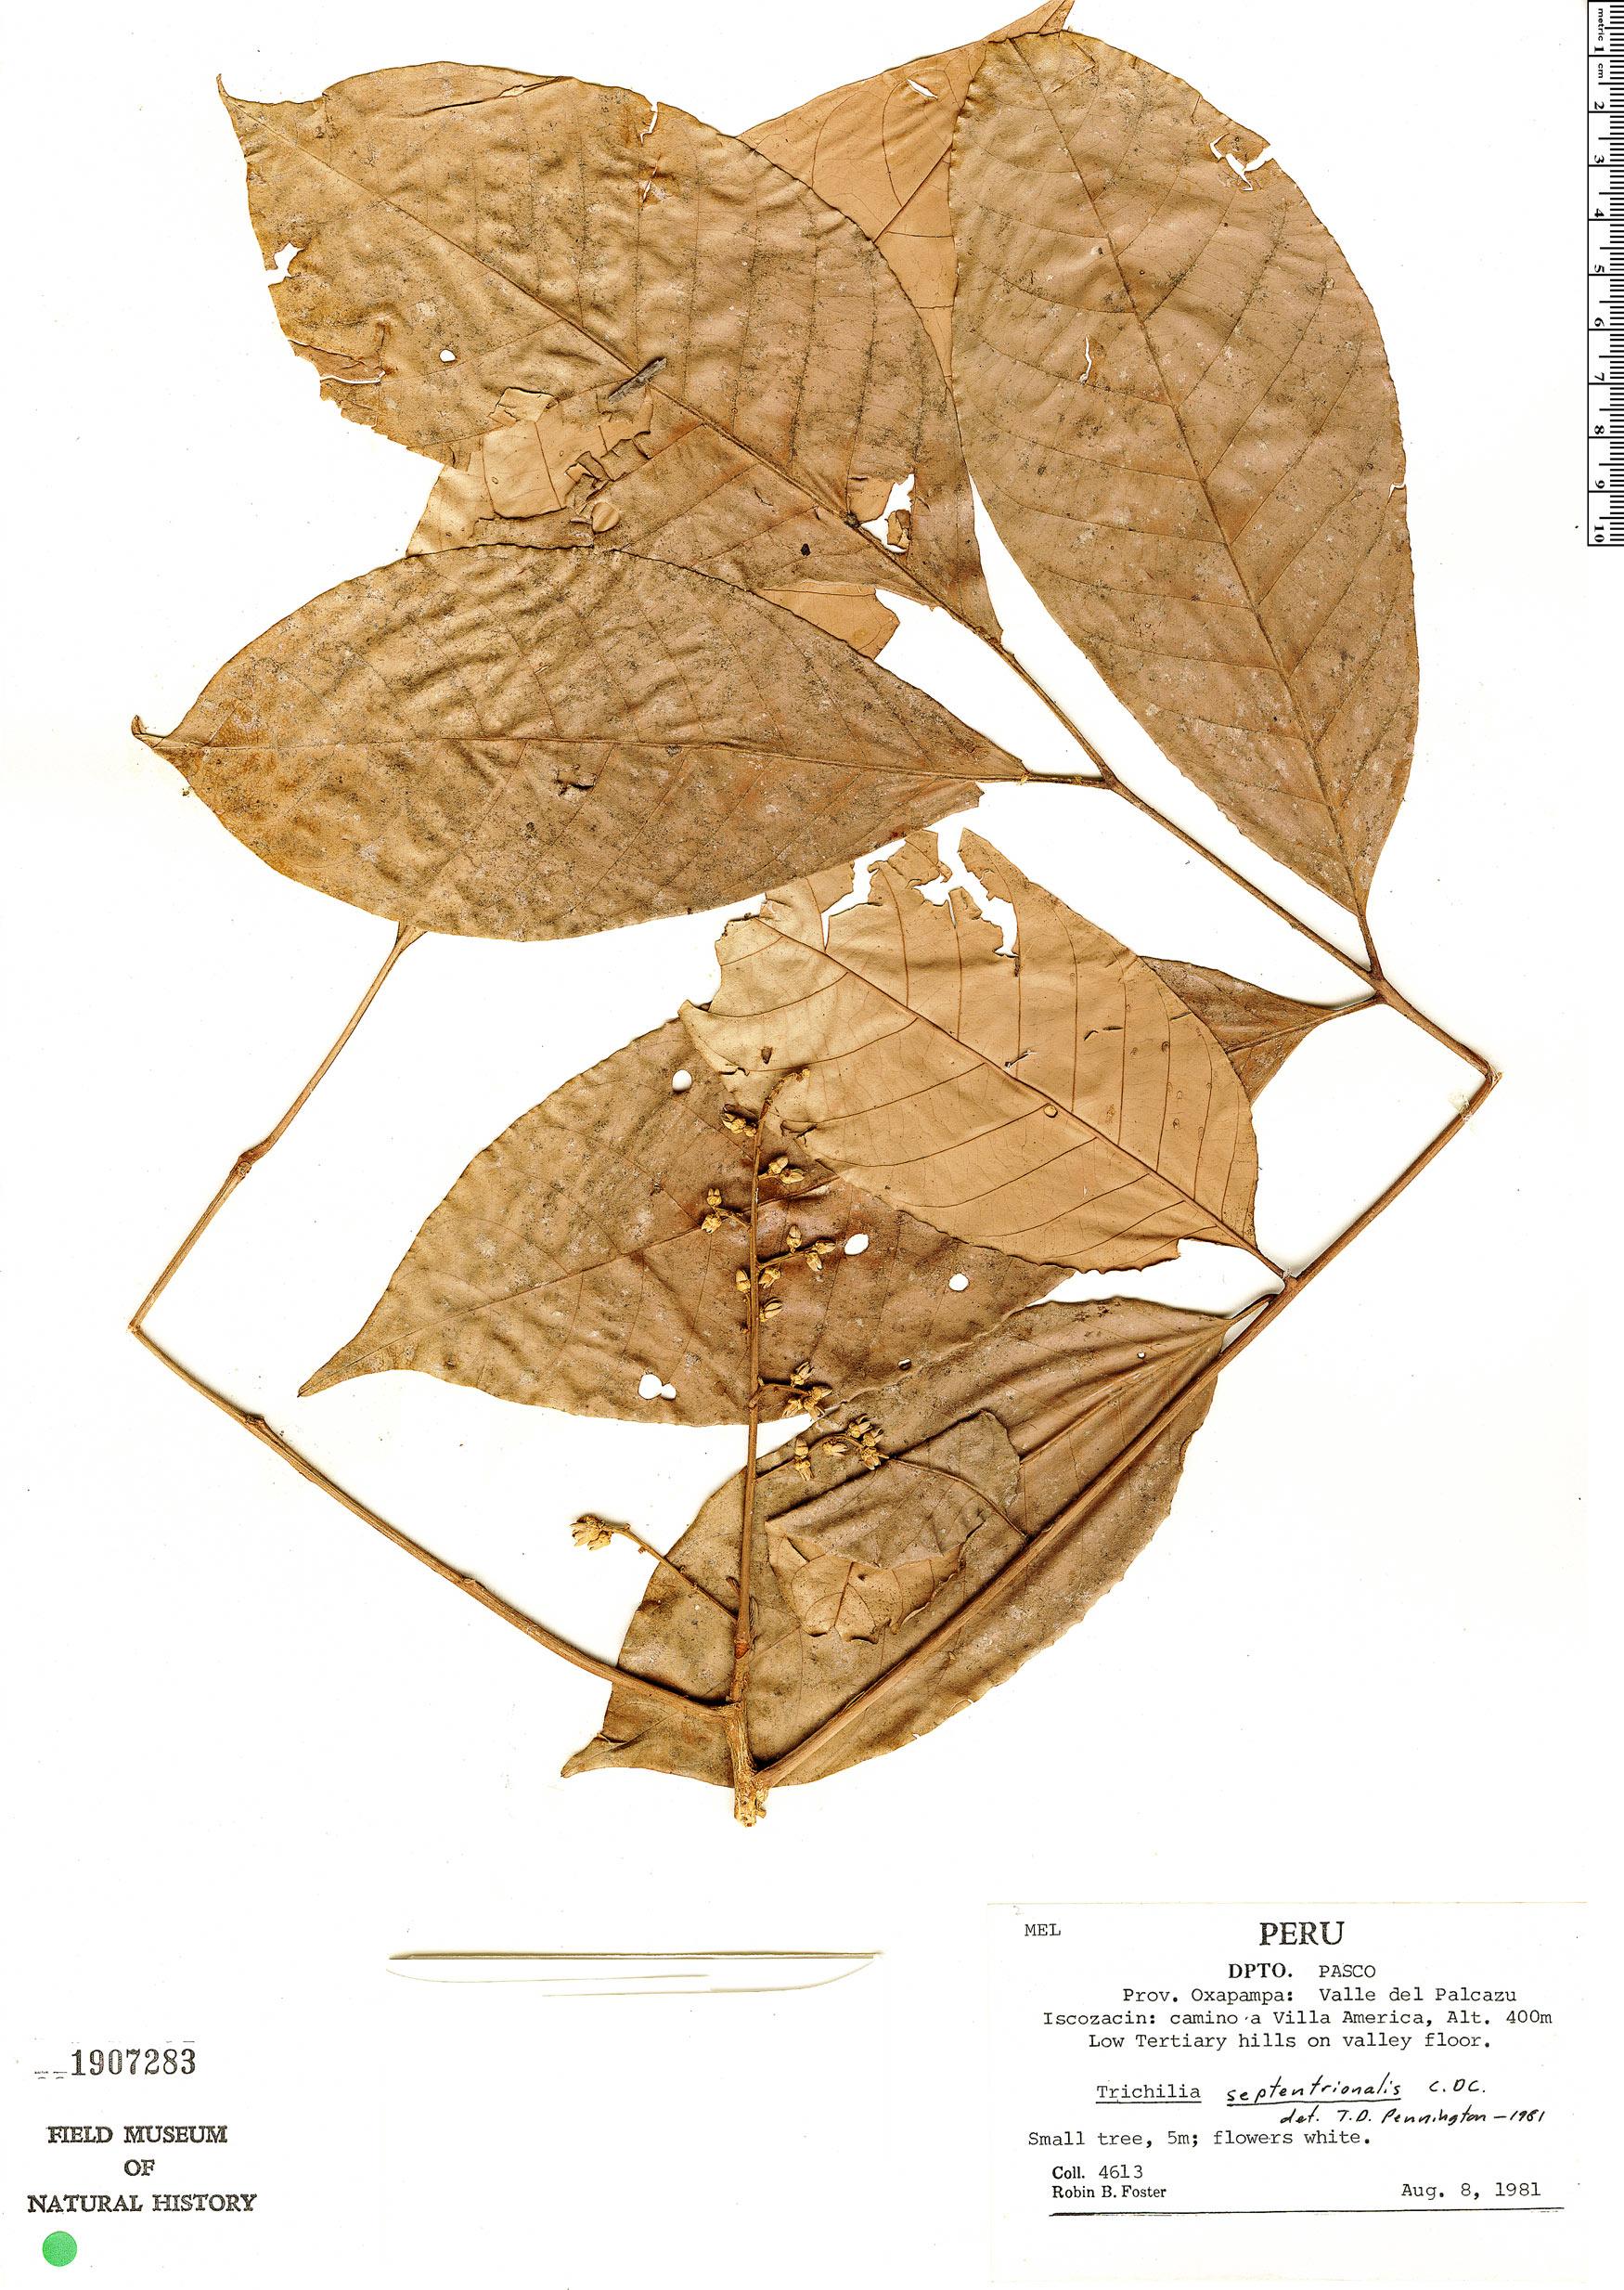 Specimen: Trichilia septentrionalis